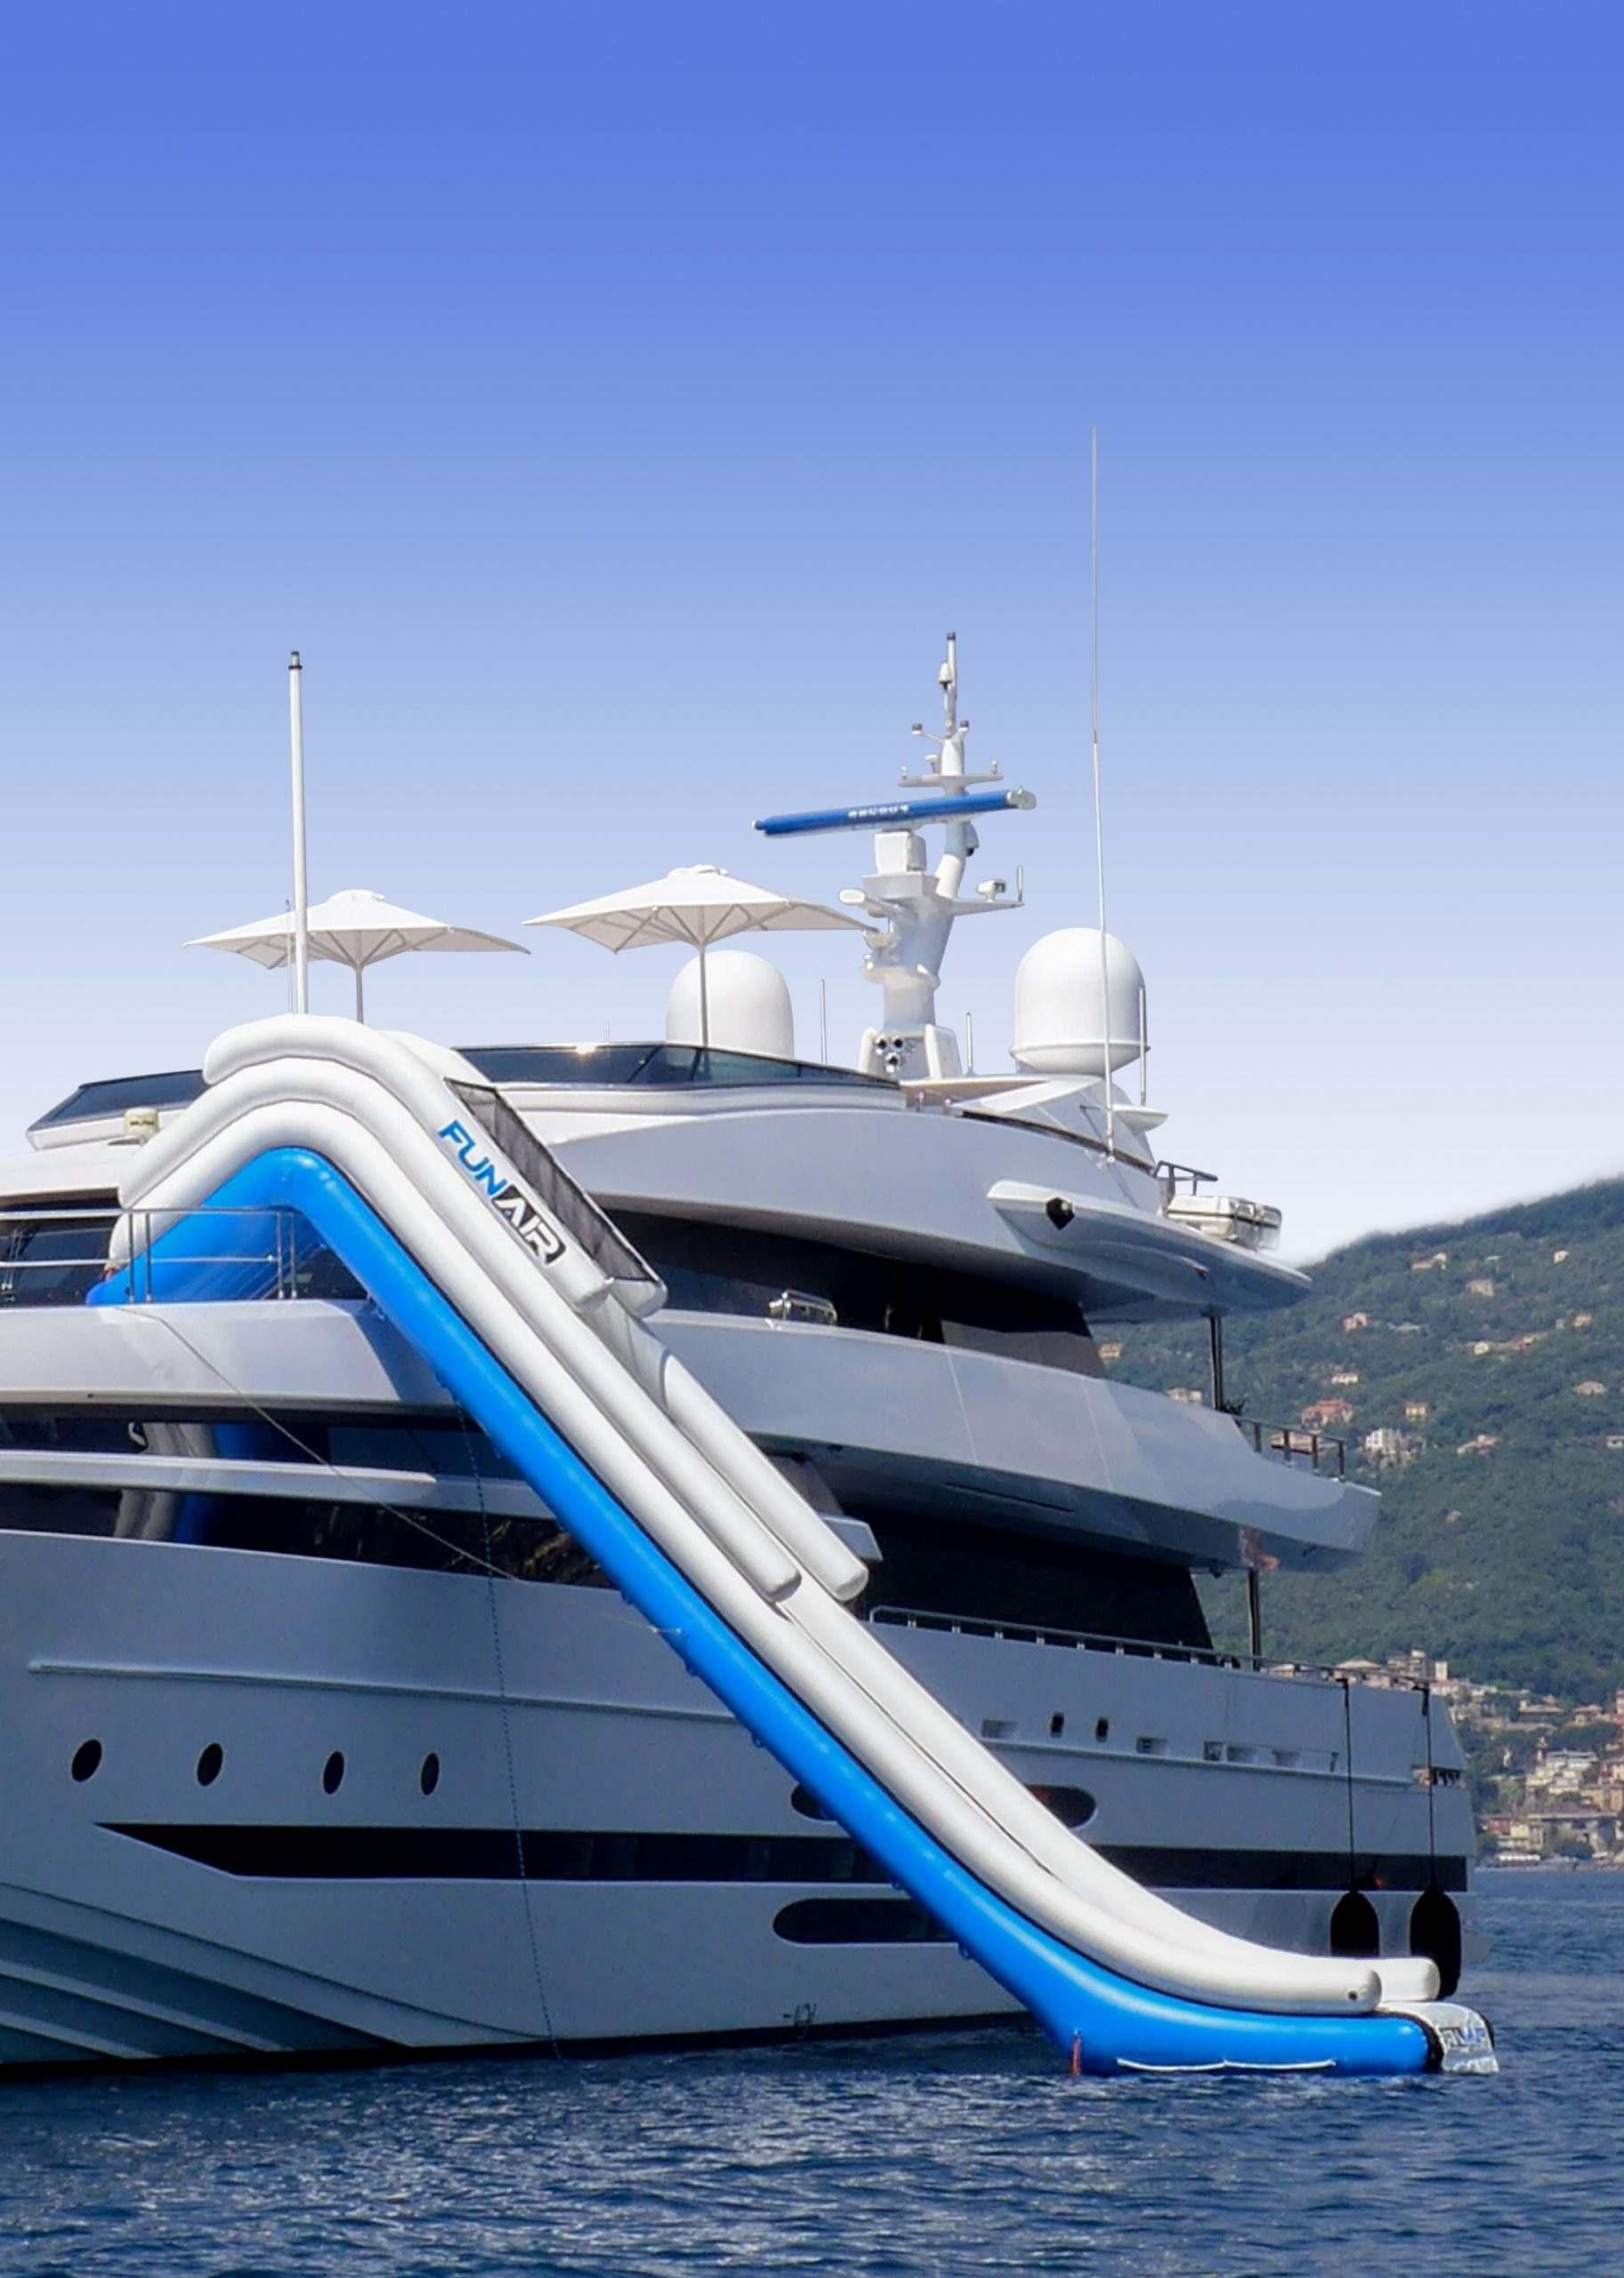 Blista Yacht Slide